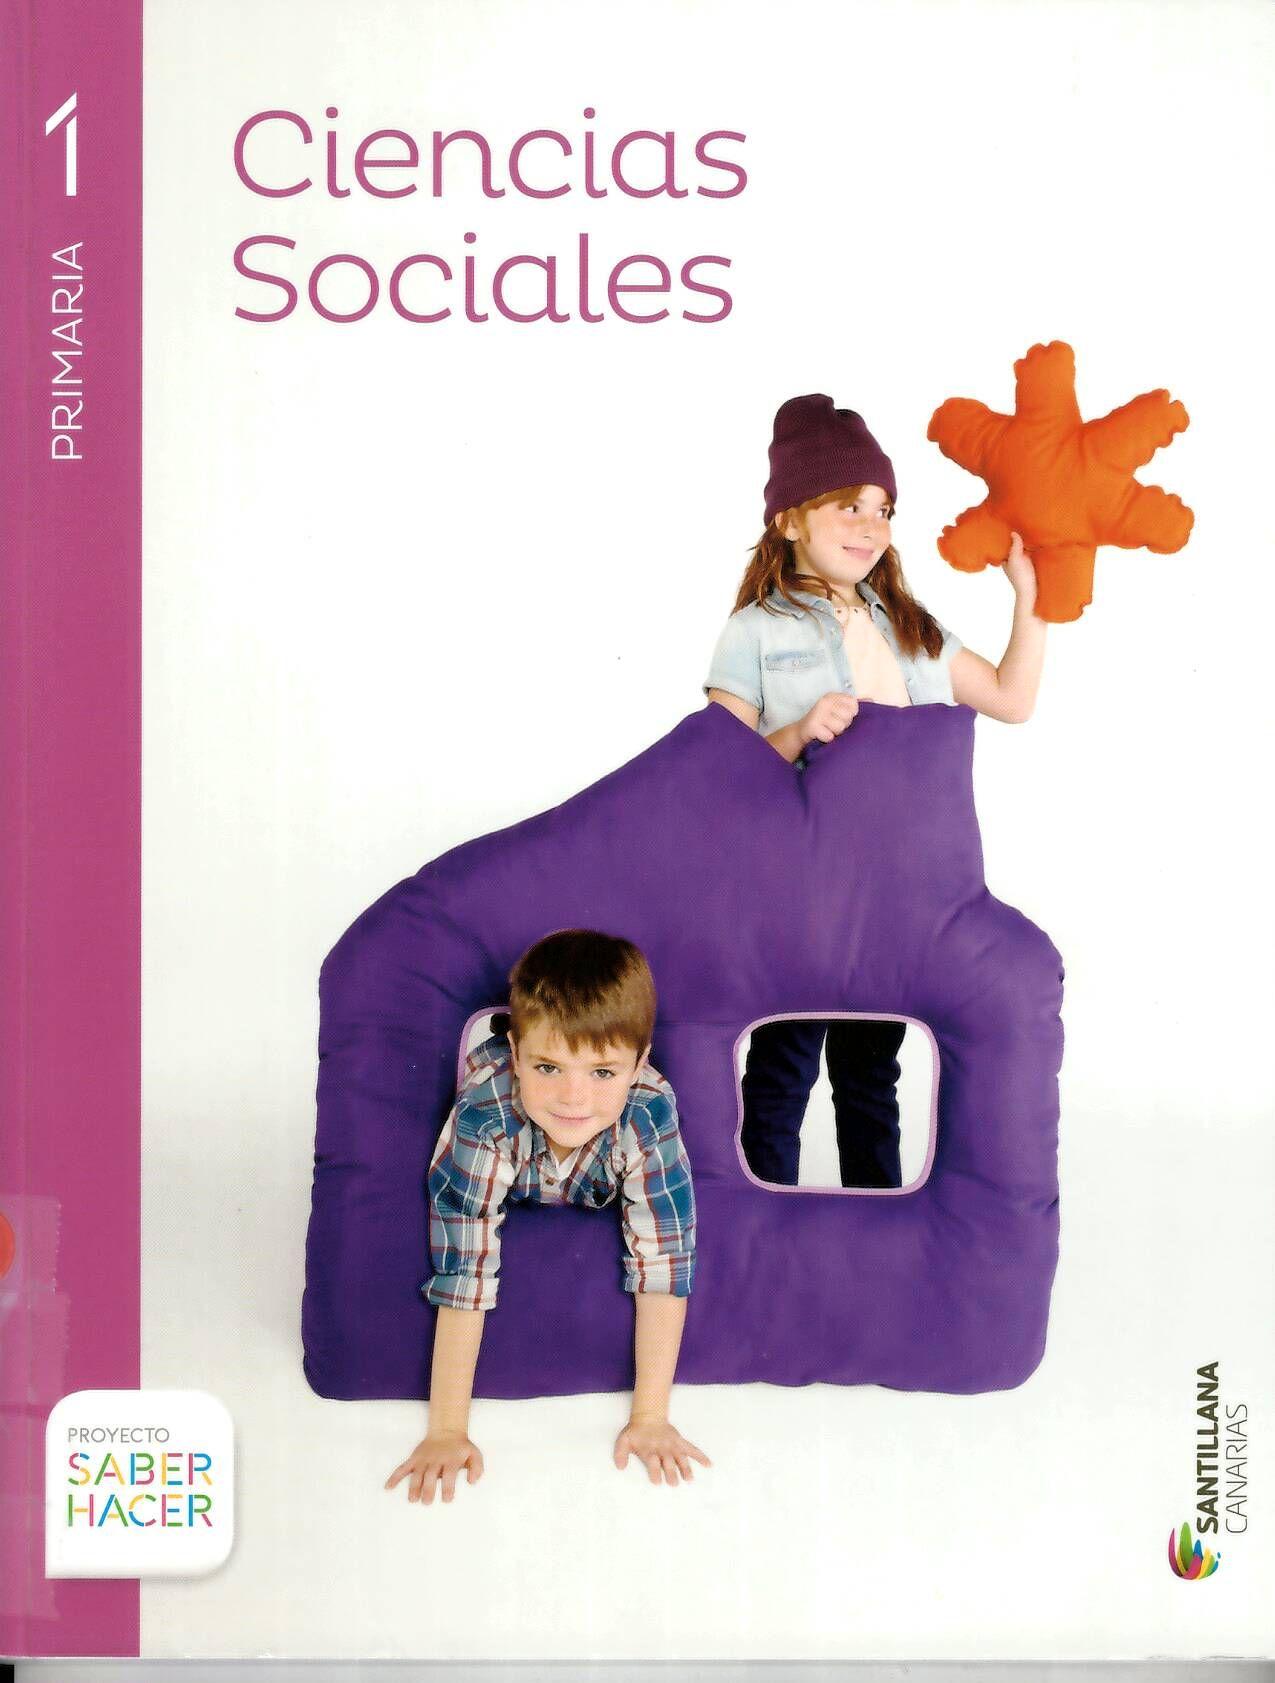 Ciencias Sociales 1 Primaria En Su Elaboración Han Participado Carmen Brito Castro Et Al Http Absysnetweb Bbtk Ciencias Sociales Socialismo Ciencia